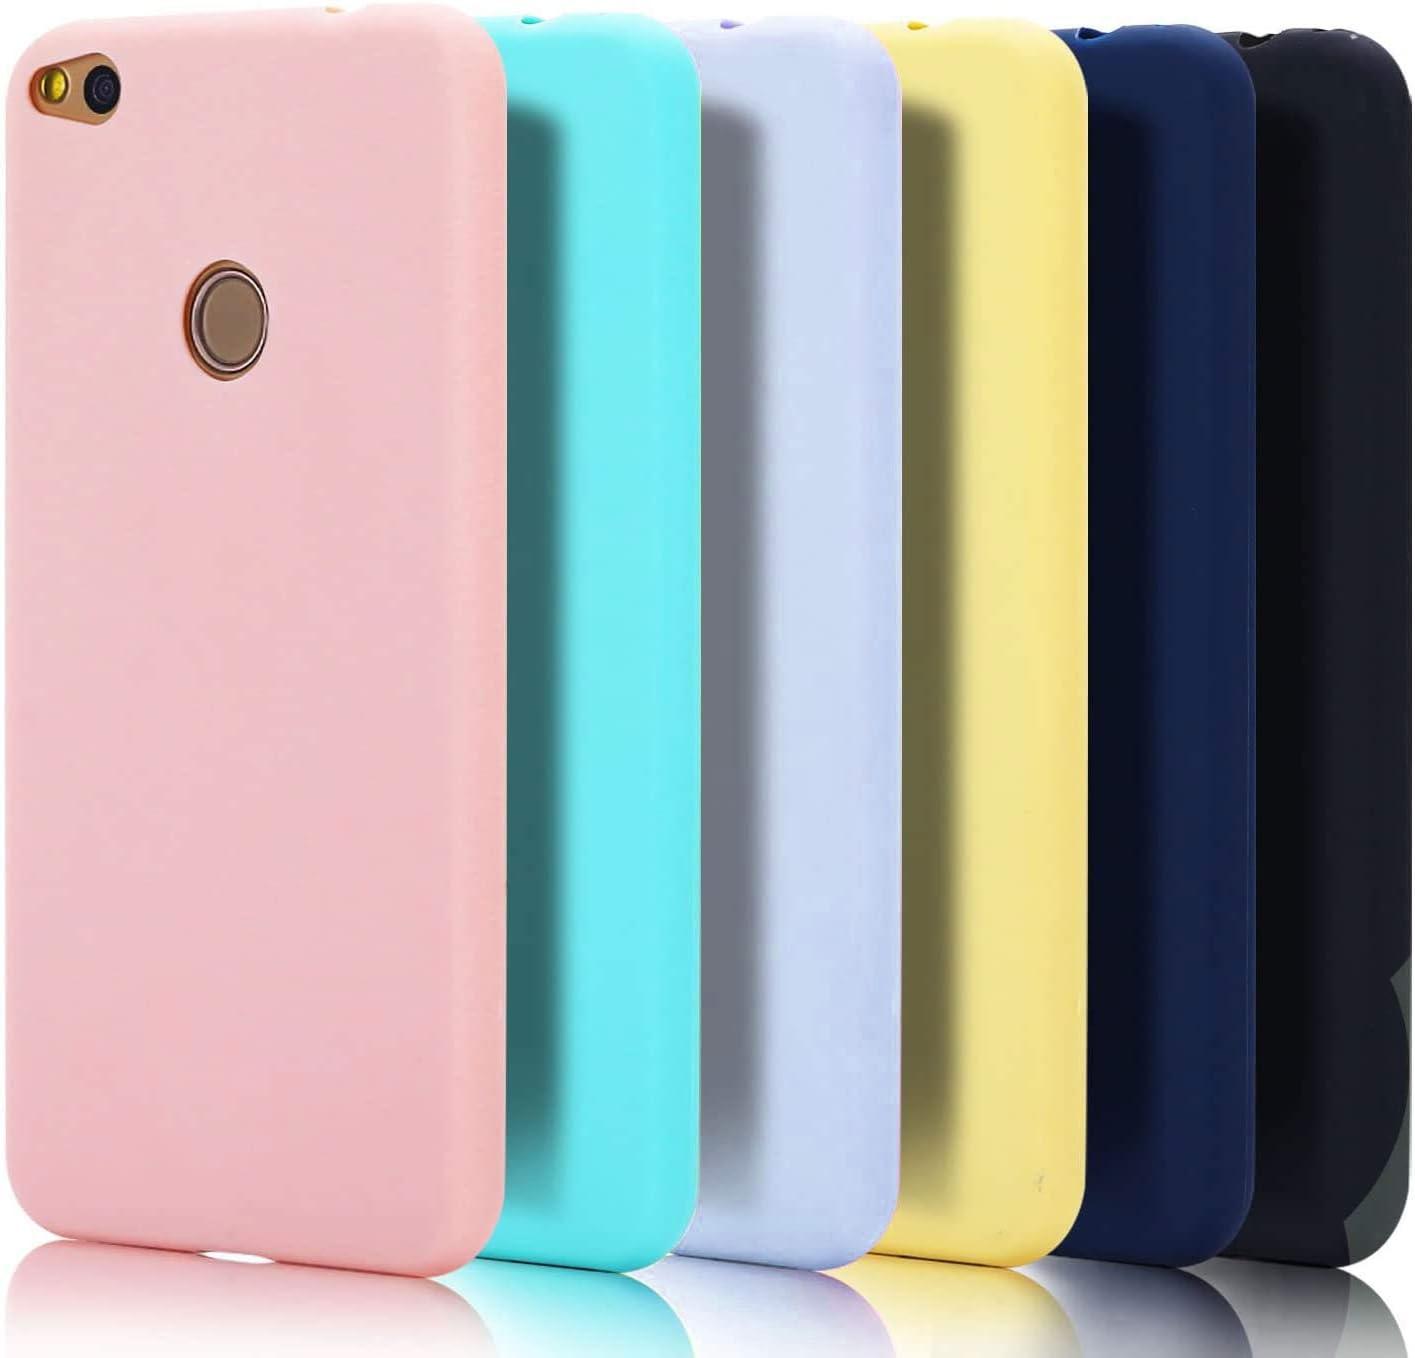 Caselover 6X Funda Huawei P8 Lite 2017, Suave TPU Silicona Carcasa para Huawei P8 Lite 2017 Ultra Delgado Flexible Goma Mate Opaco Protectiva Caso Anti Rasguños Case Cover Bumper- 6 Color